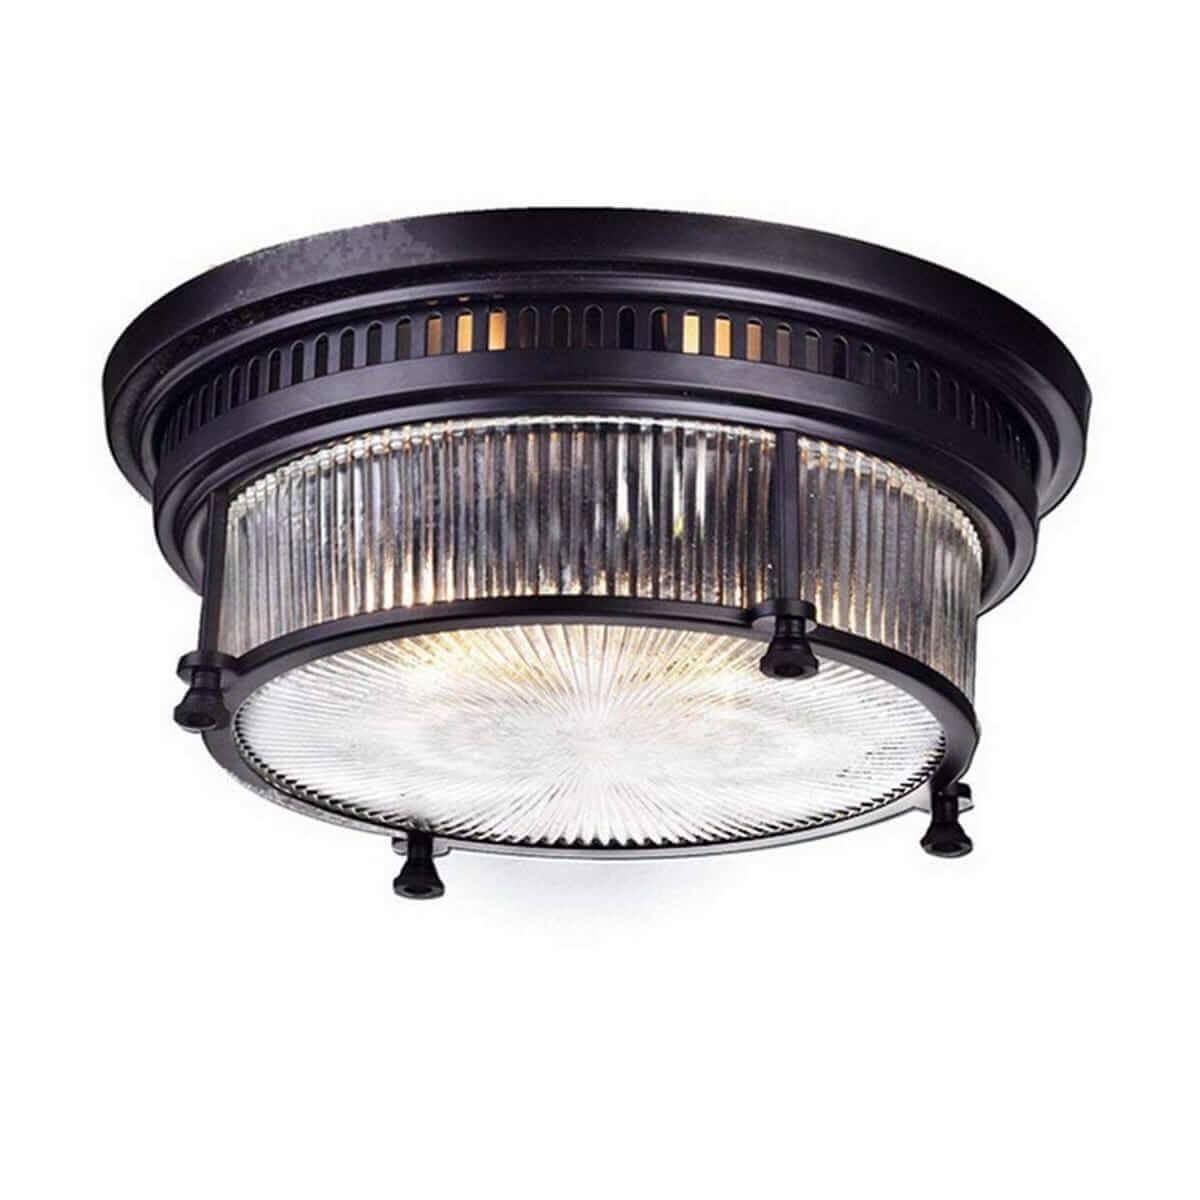 Vintage Bronze Ceiling Light 2 Light Textured Glass Fixture